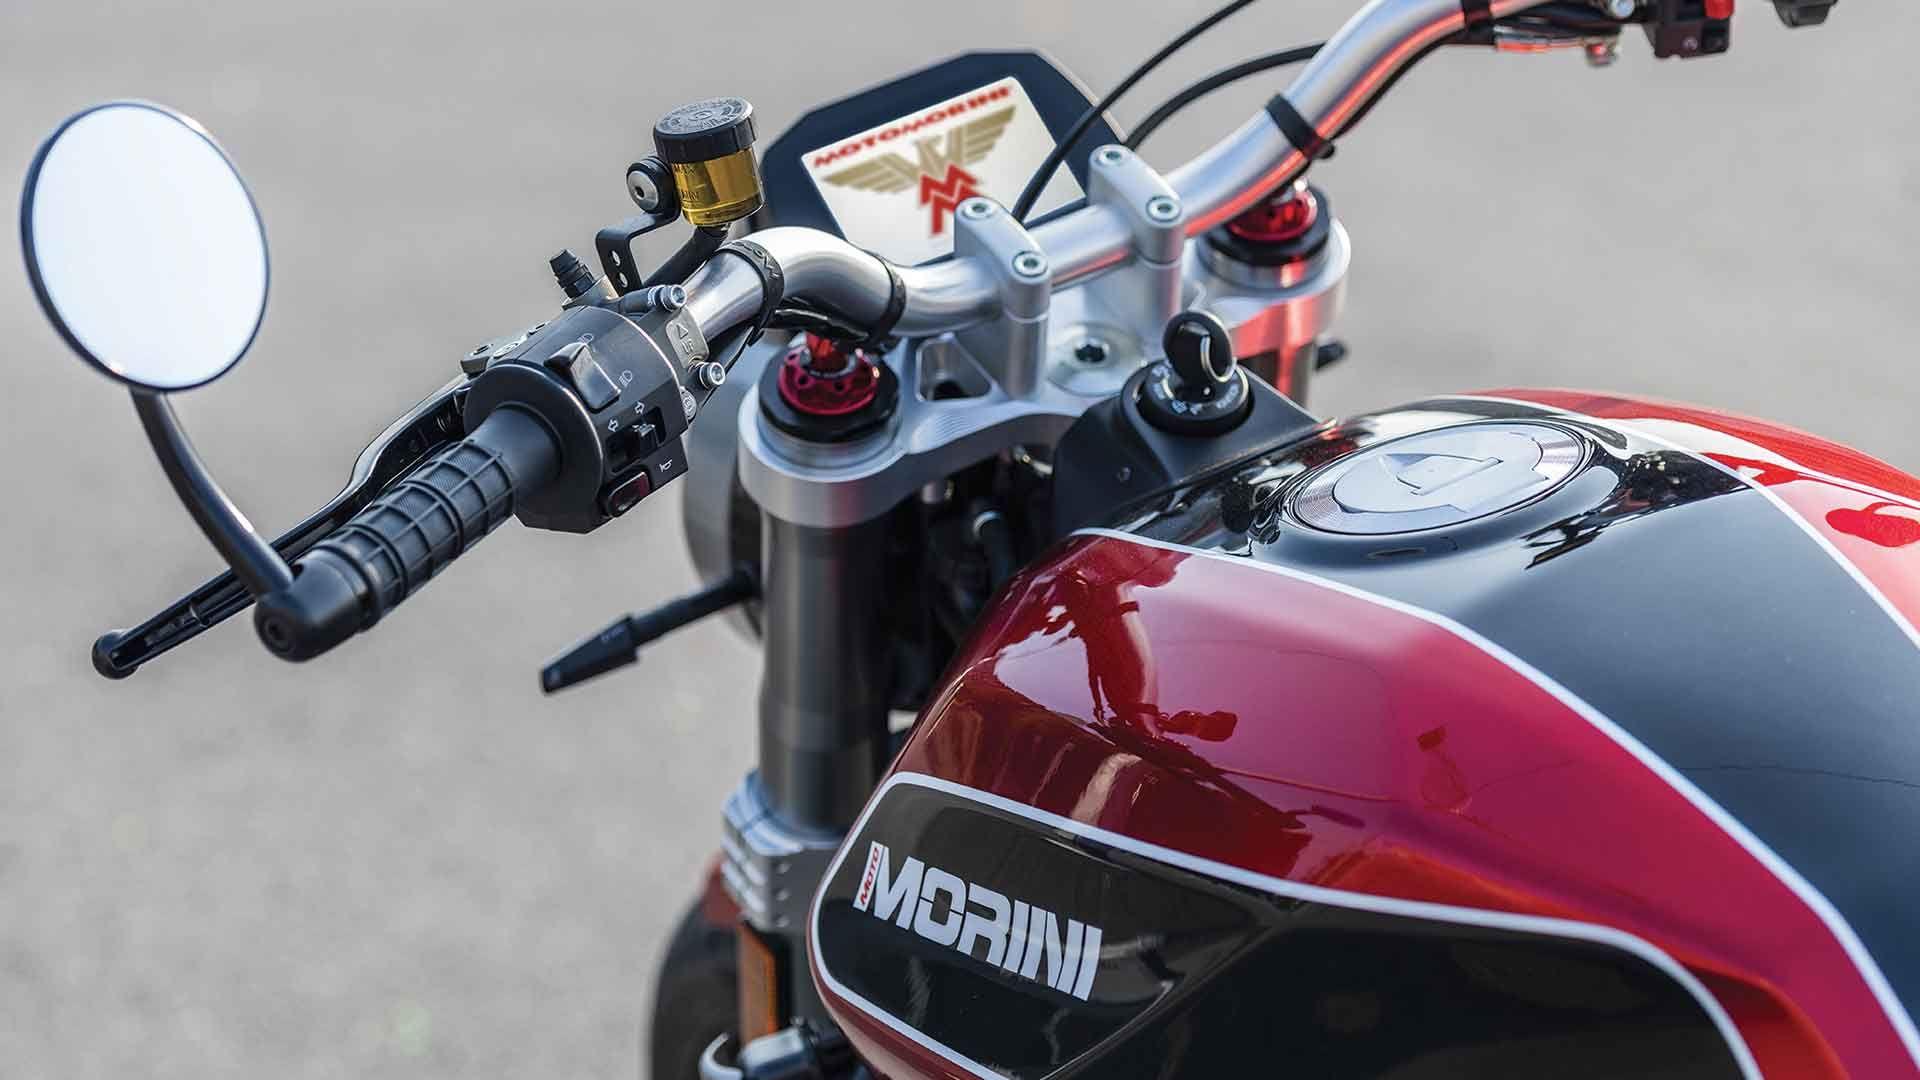 Comment contacter Moto Morini